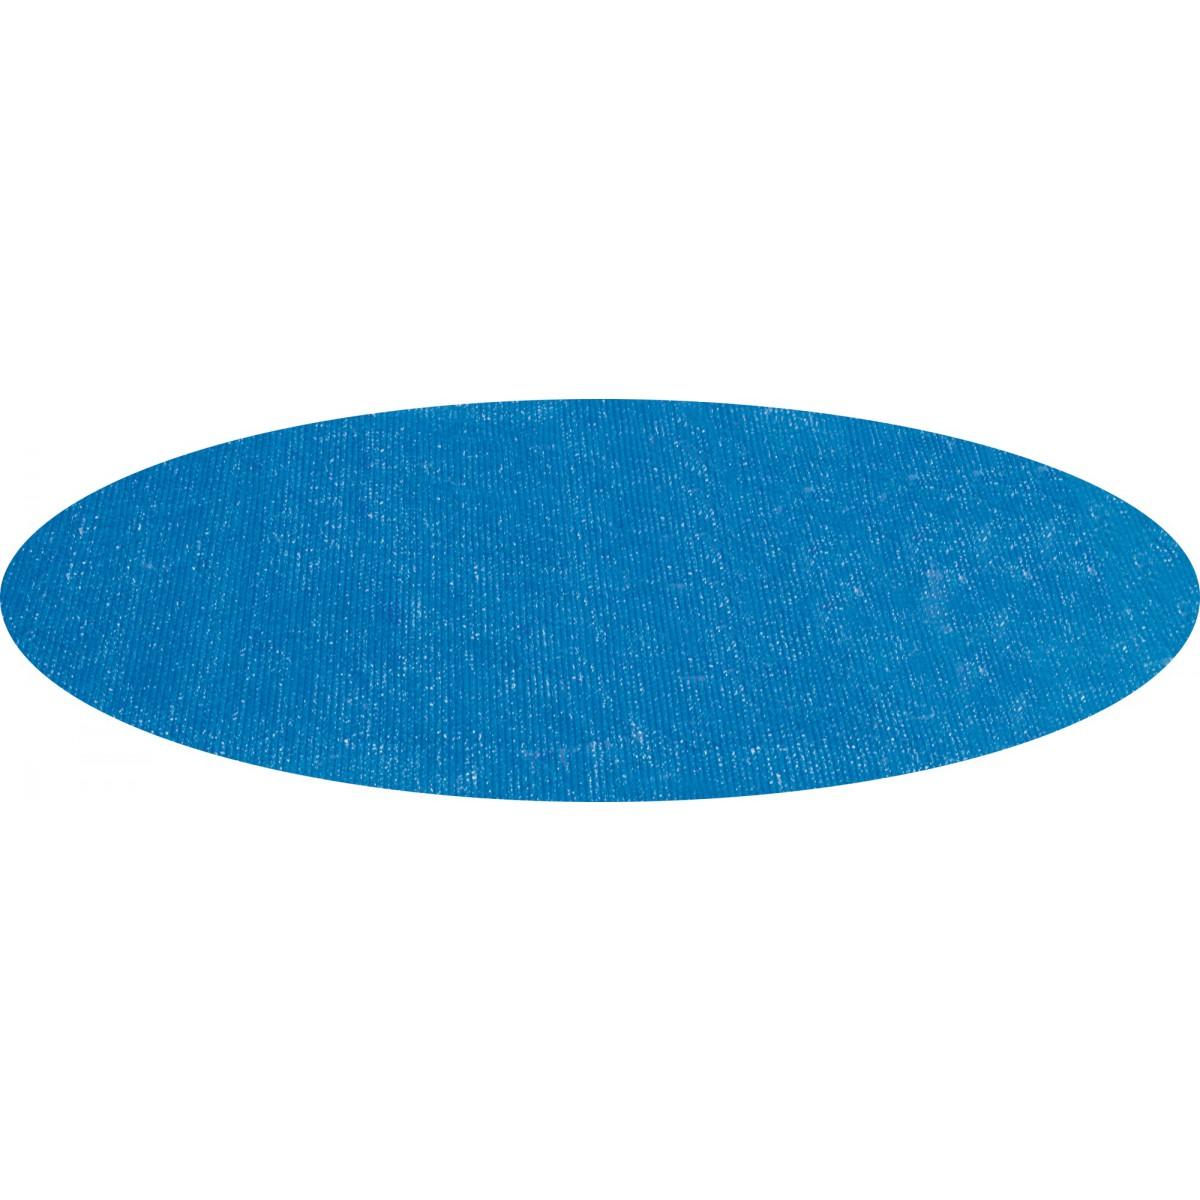 Bâche solaire pour piscine ronde Power Steel et Steel Pro Bestway - Diamètre 5,27 m